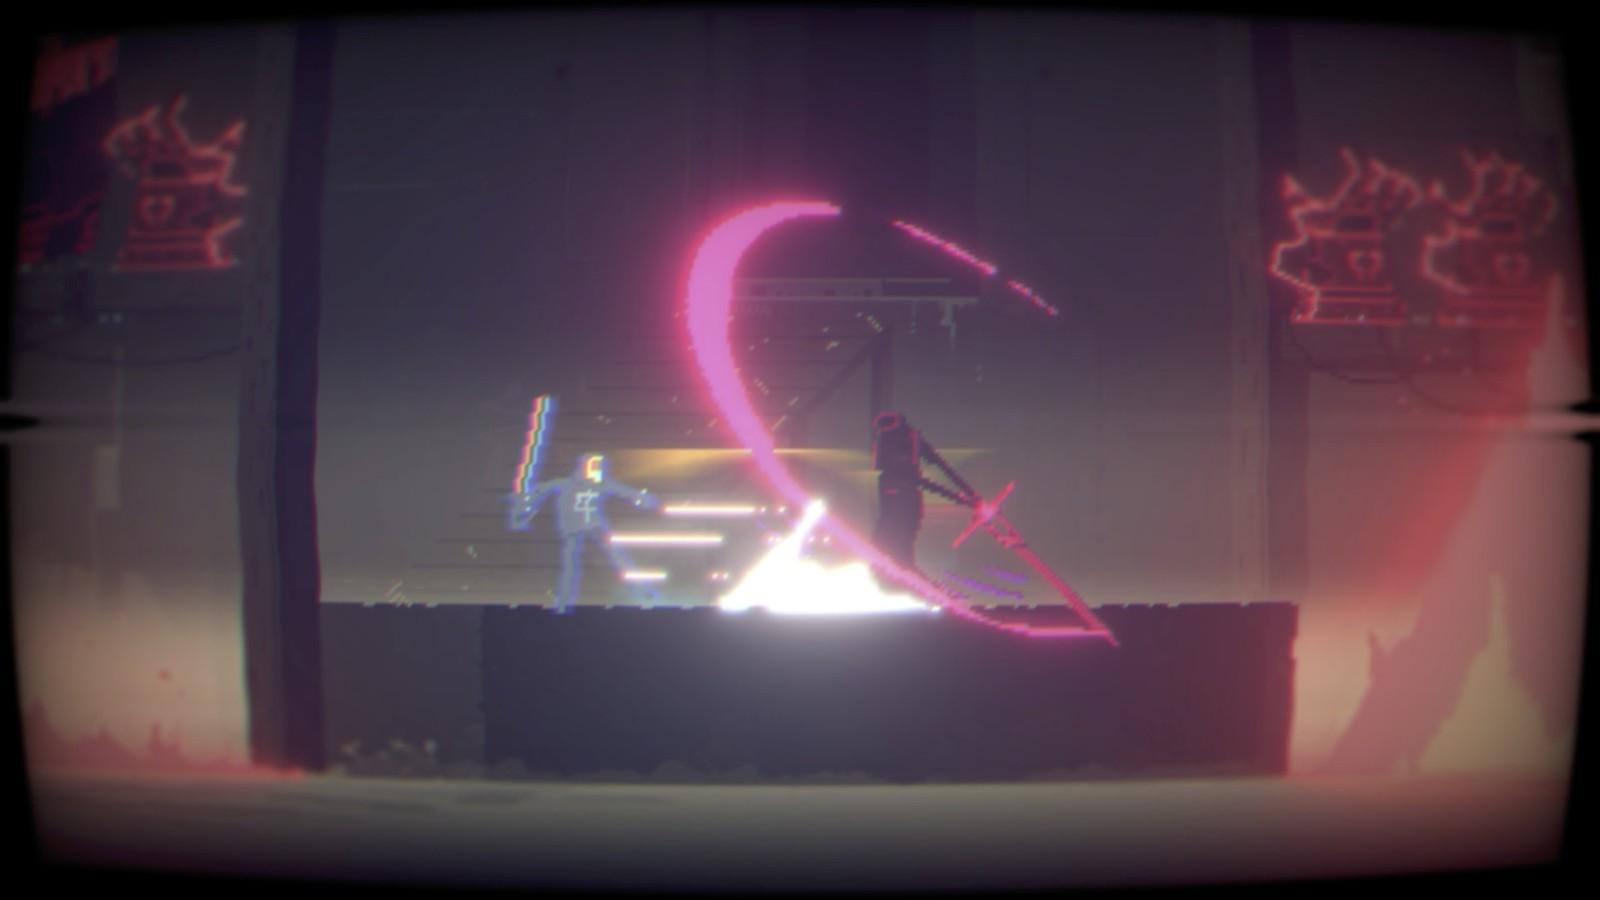 像素冒险《成田男孩》3月30日发售 登陆PC/PS4/XB1/NS